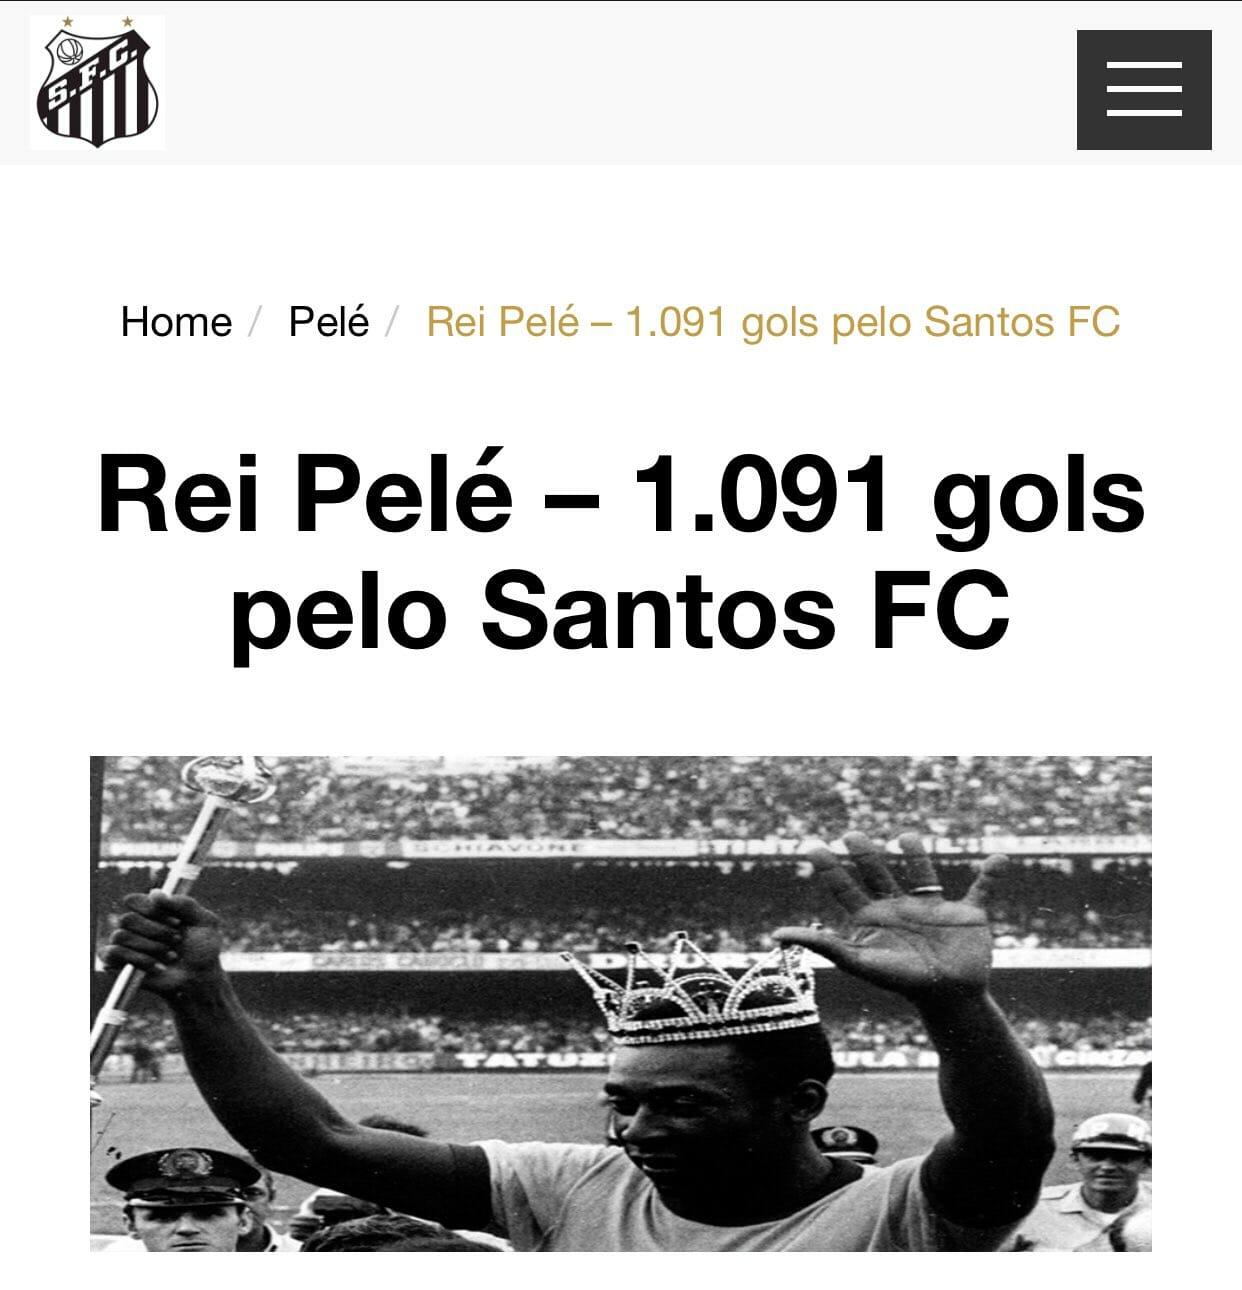 بيان نادي سانتوس البرازيلي